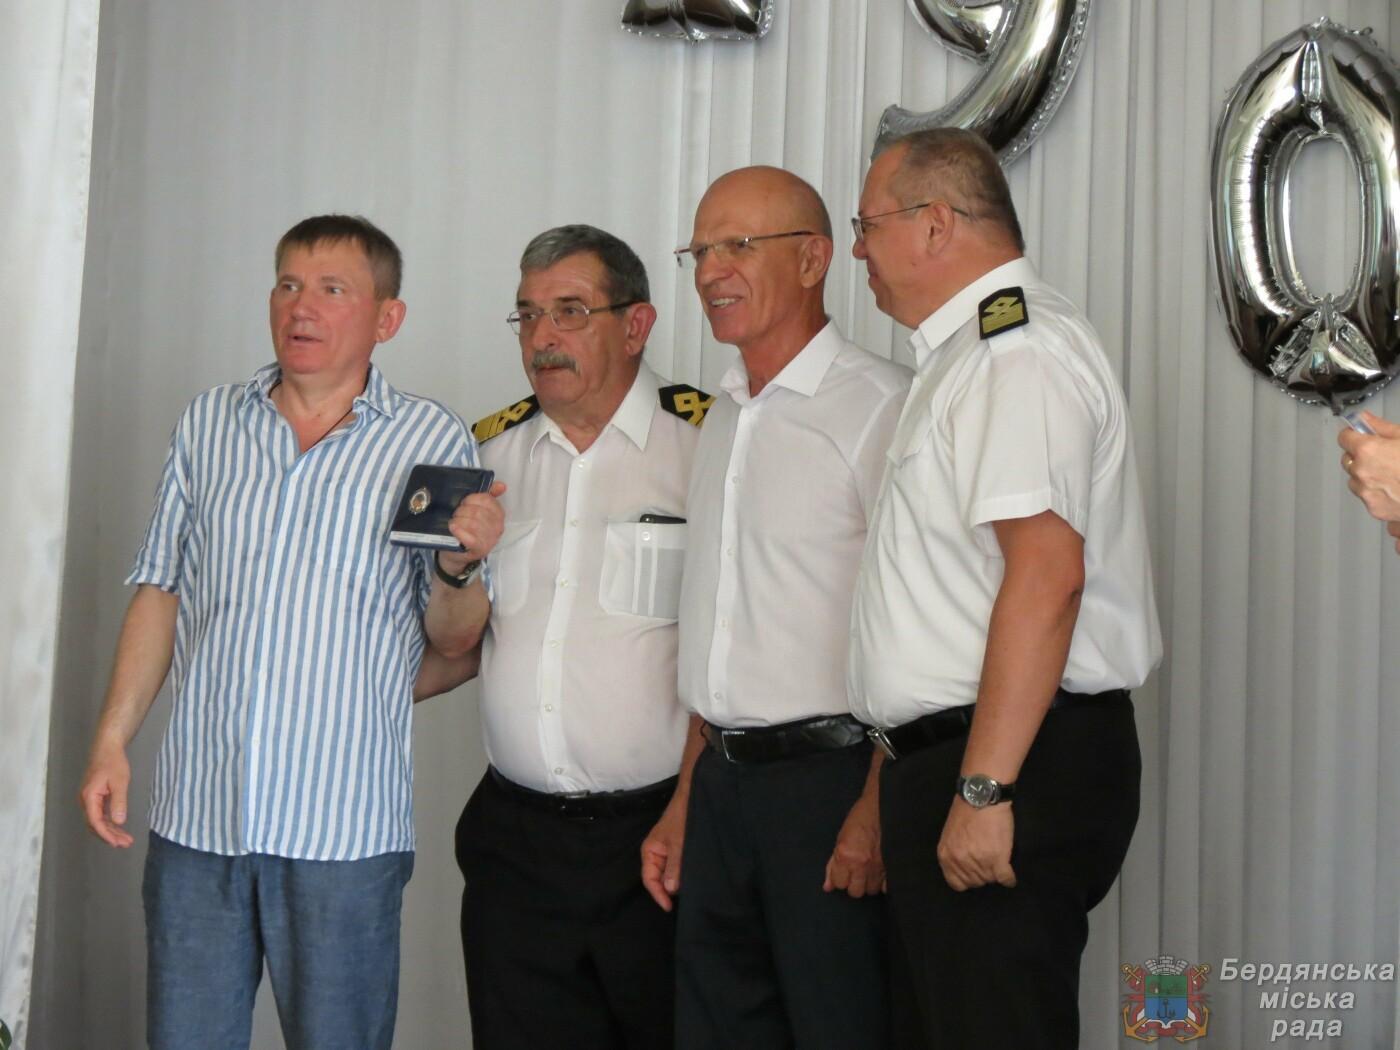 Работники Бердянского порта отмечают свой профессиональный праздник и 190 лет предприятию, фото-18